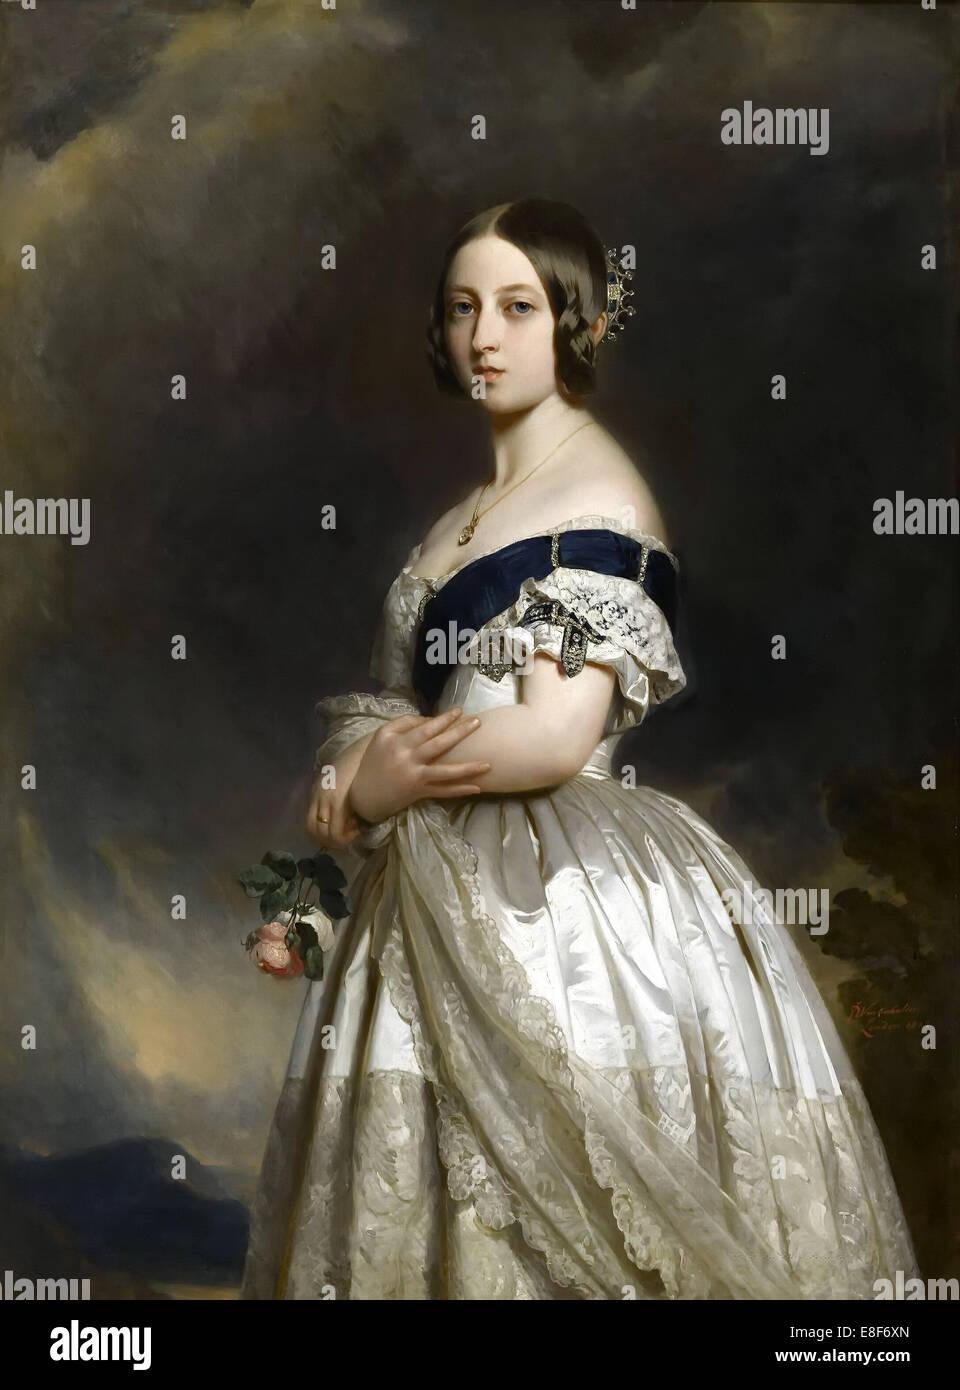 Retrato de la Reina Victoria. Artista: Winterhalter, Franz Xavier (1805-1873) Imagen De Stock